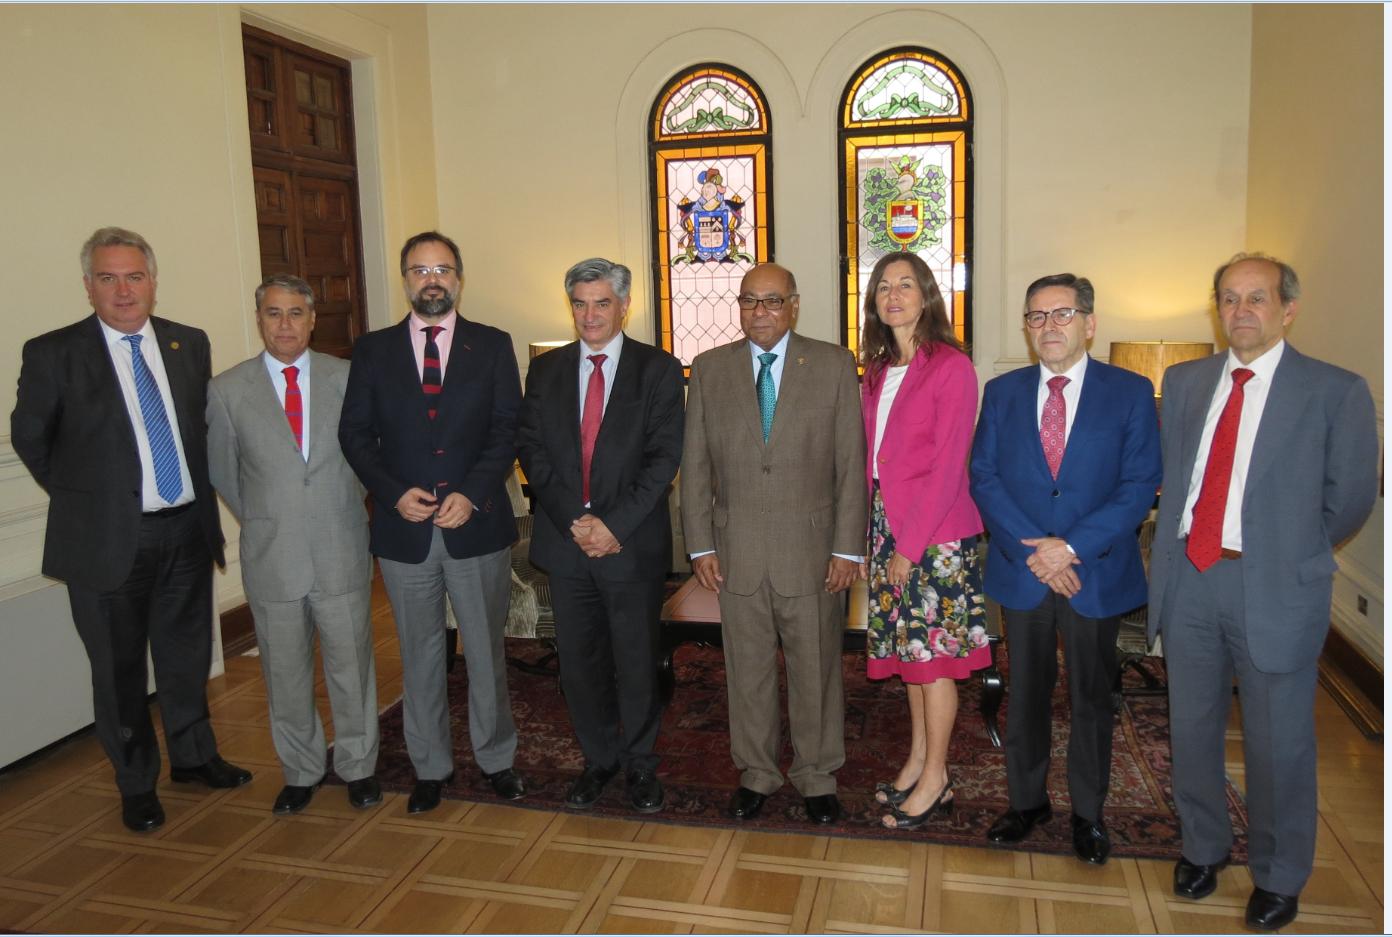 Presidente del Tribunal Constitucional de la República Dominicana visita nuestra Magistratura